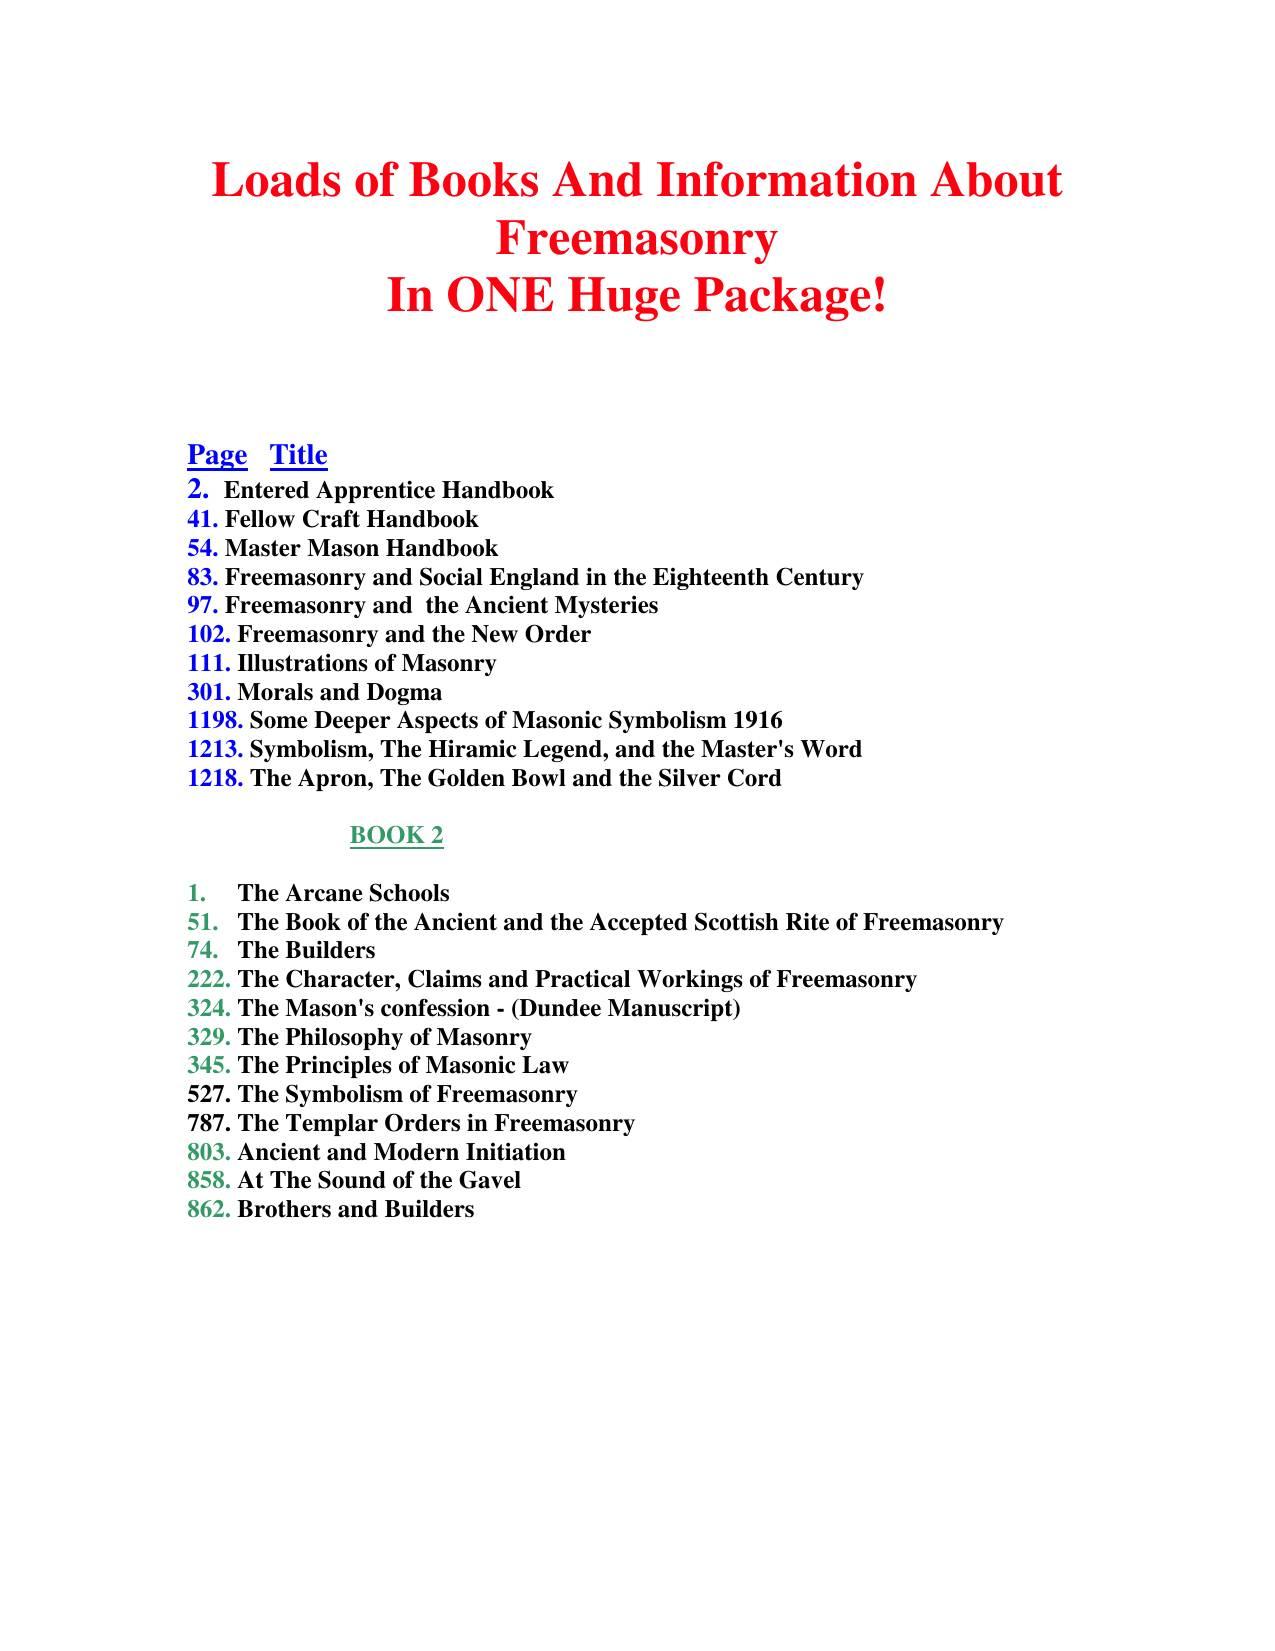 Decorum Brunswick, Ga Beautiful Loads Of Books and Information About Freemasonry 1 Of 2 Pdf